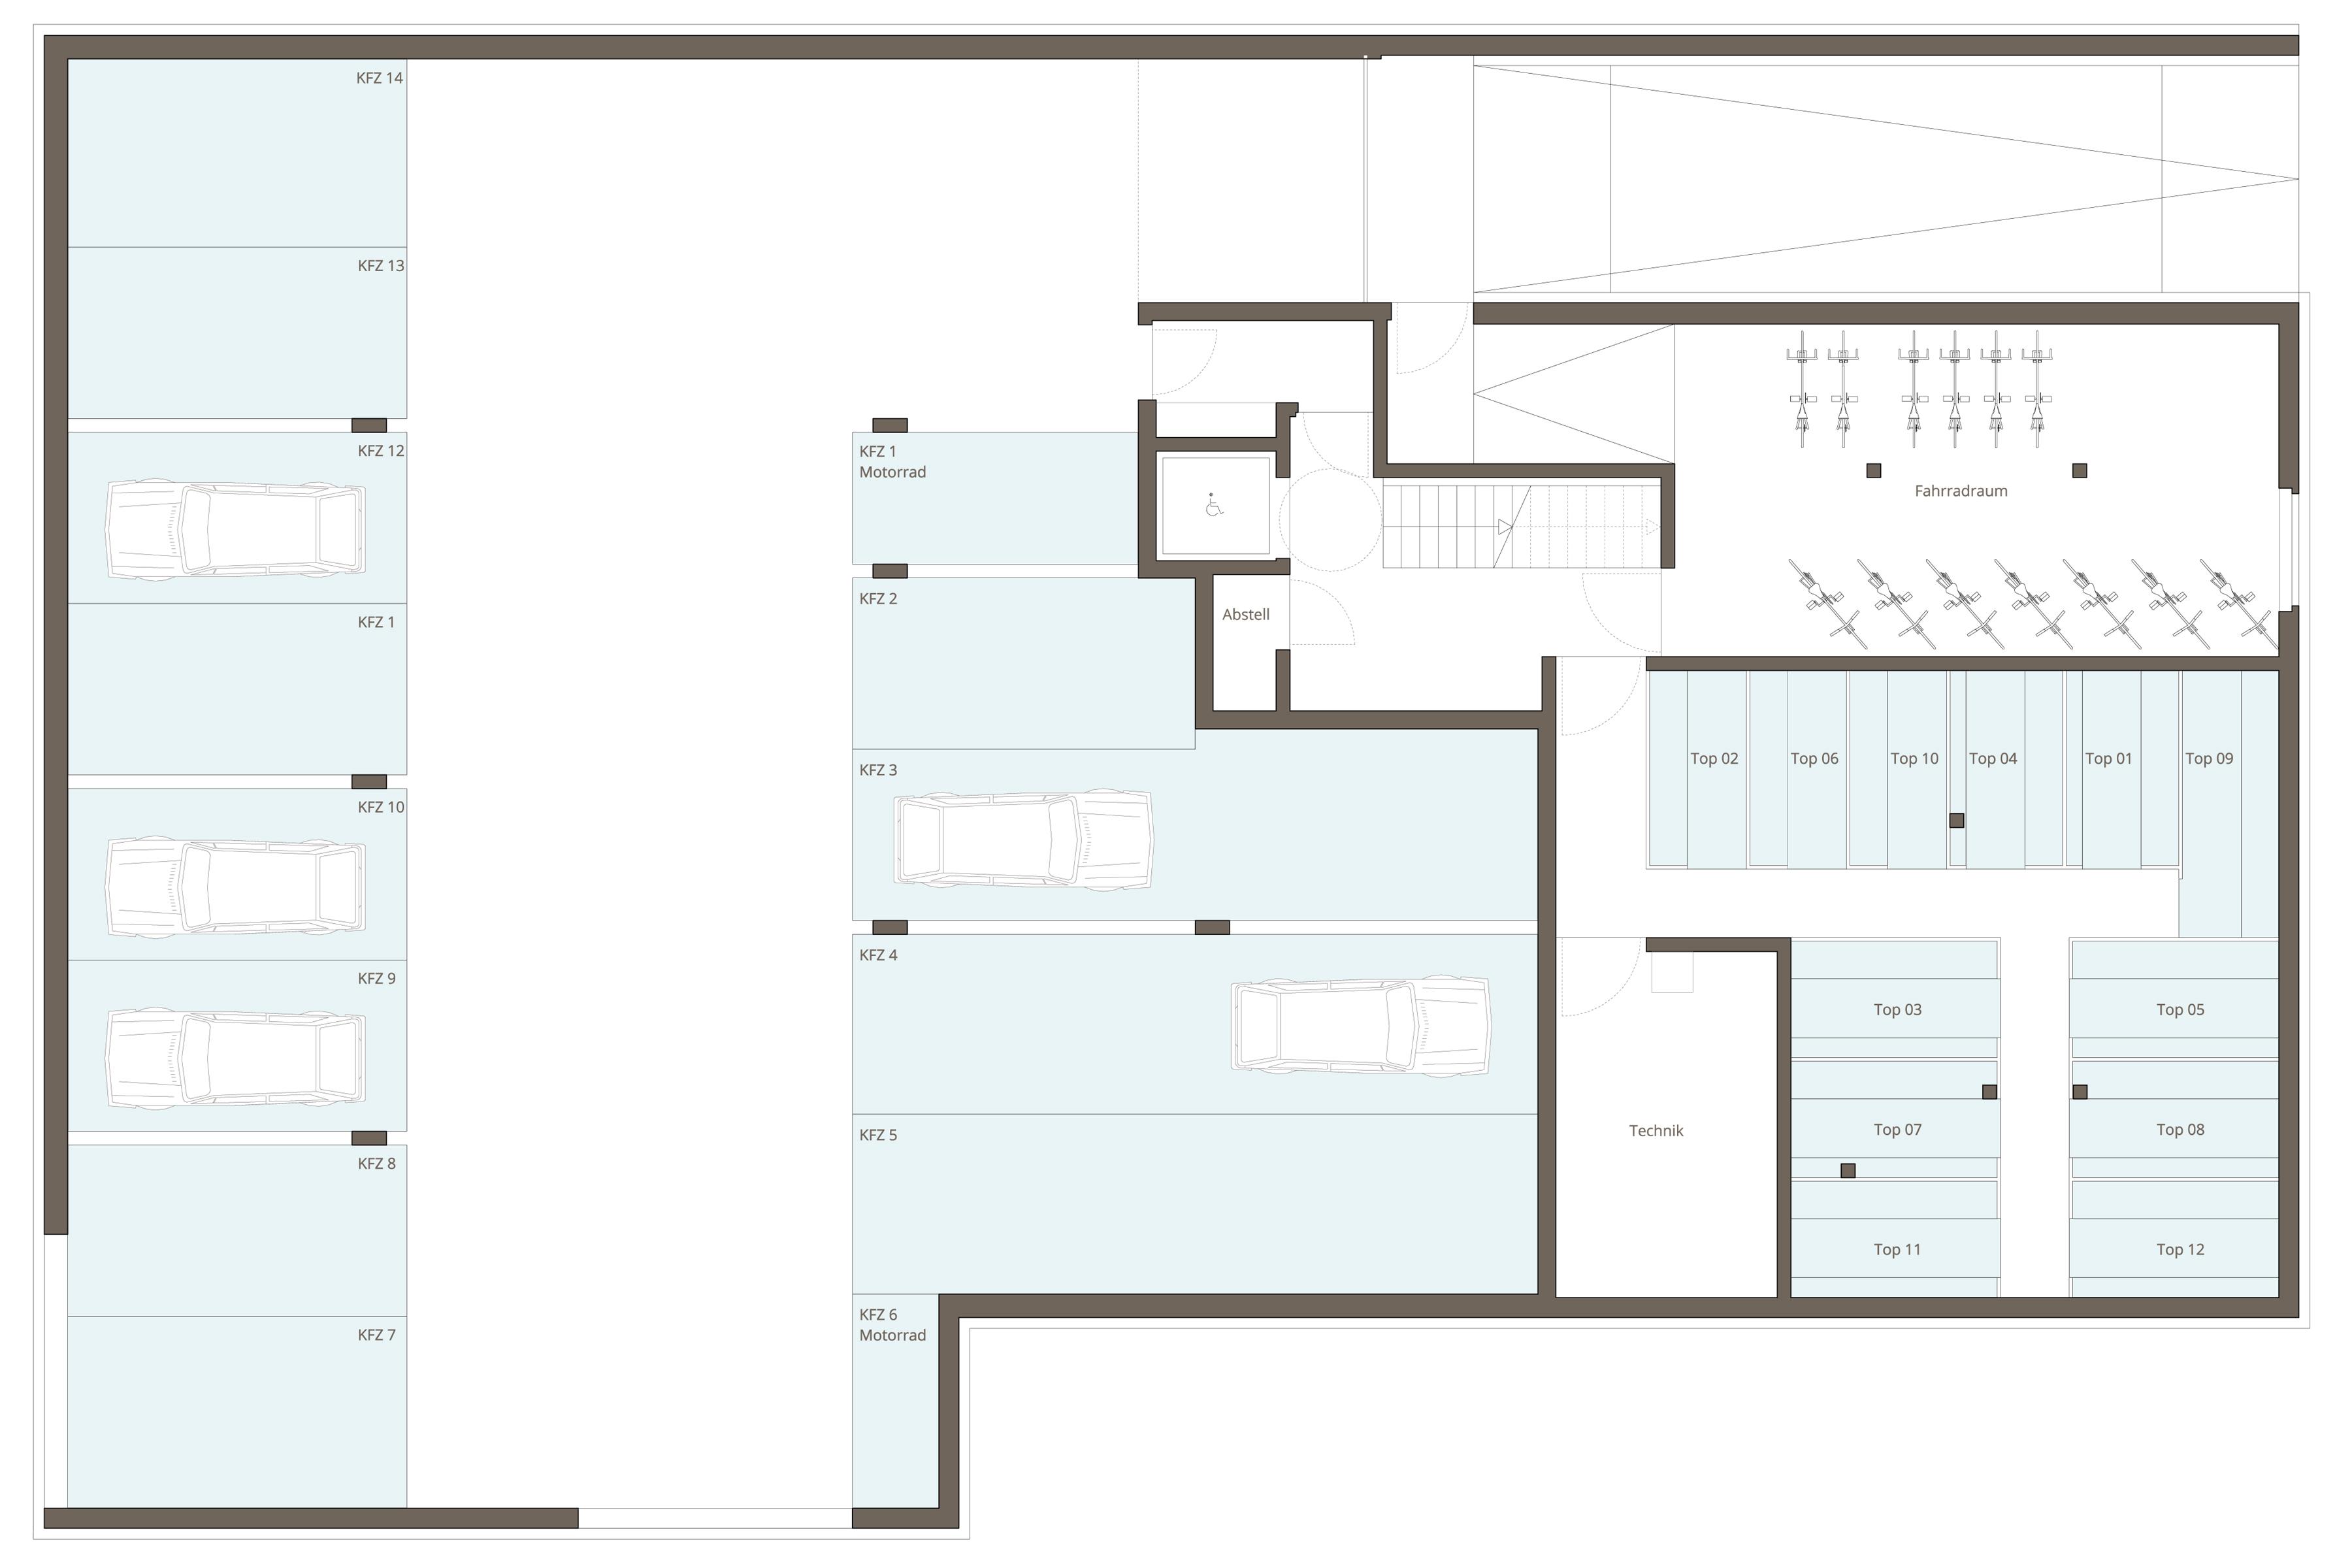 2 zimmer wohnung top 06 wohnen am wasserturm hard k nz immobilien gmbh. Black Bedroom Furniture Sets. Home Design Ideas